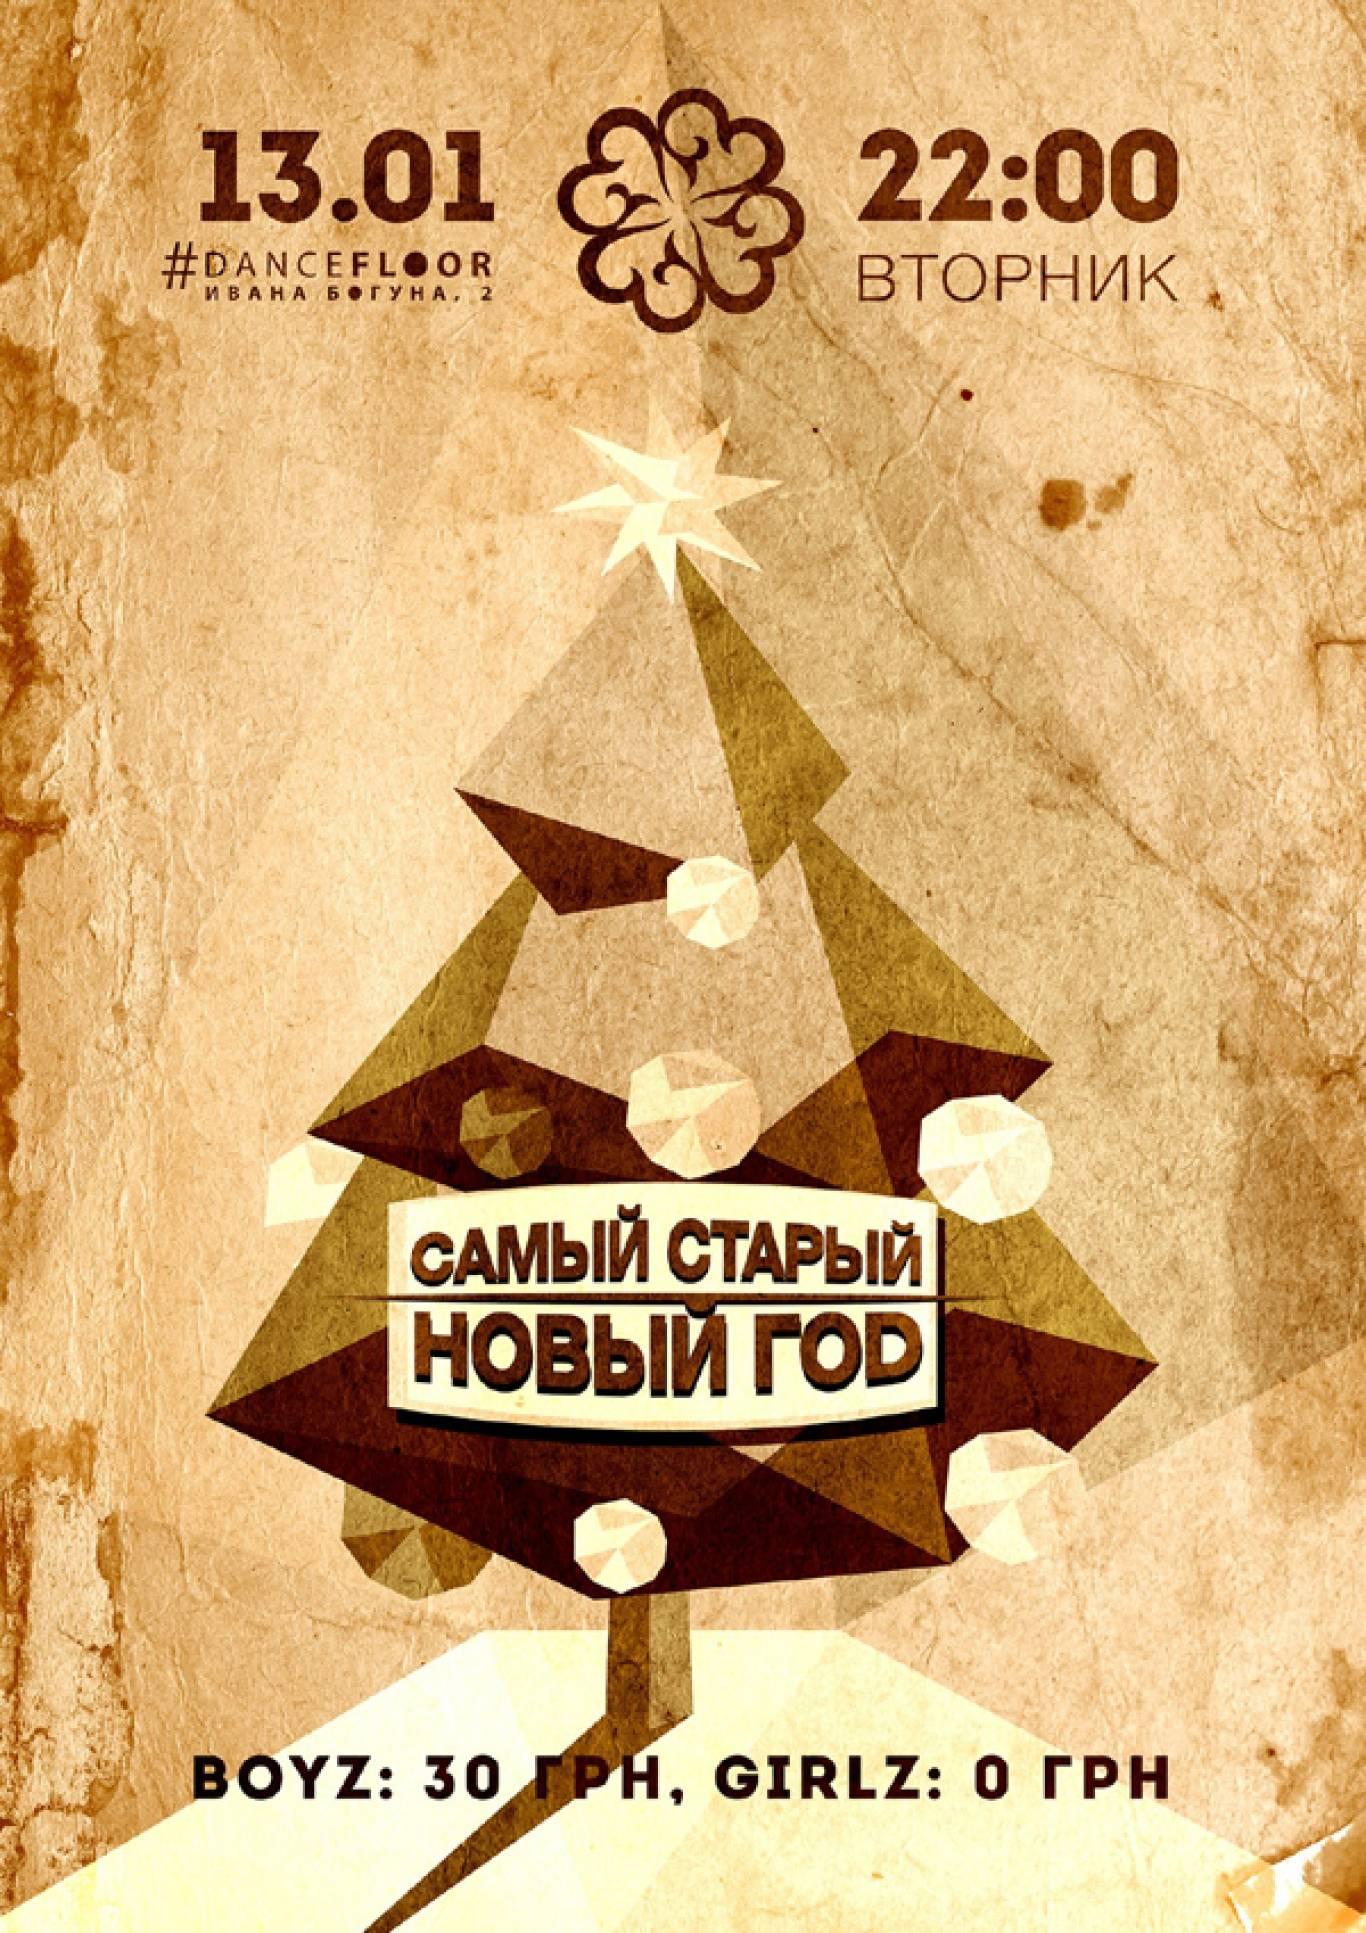 Вечірка «Найстаріший Новий рік»